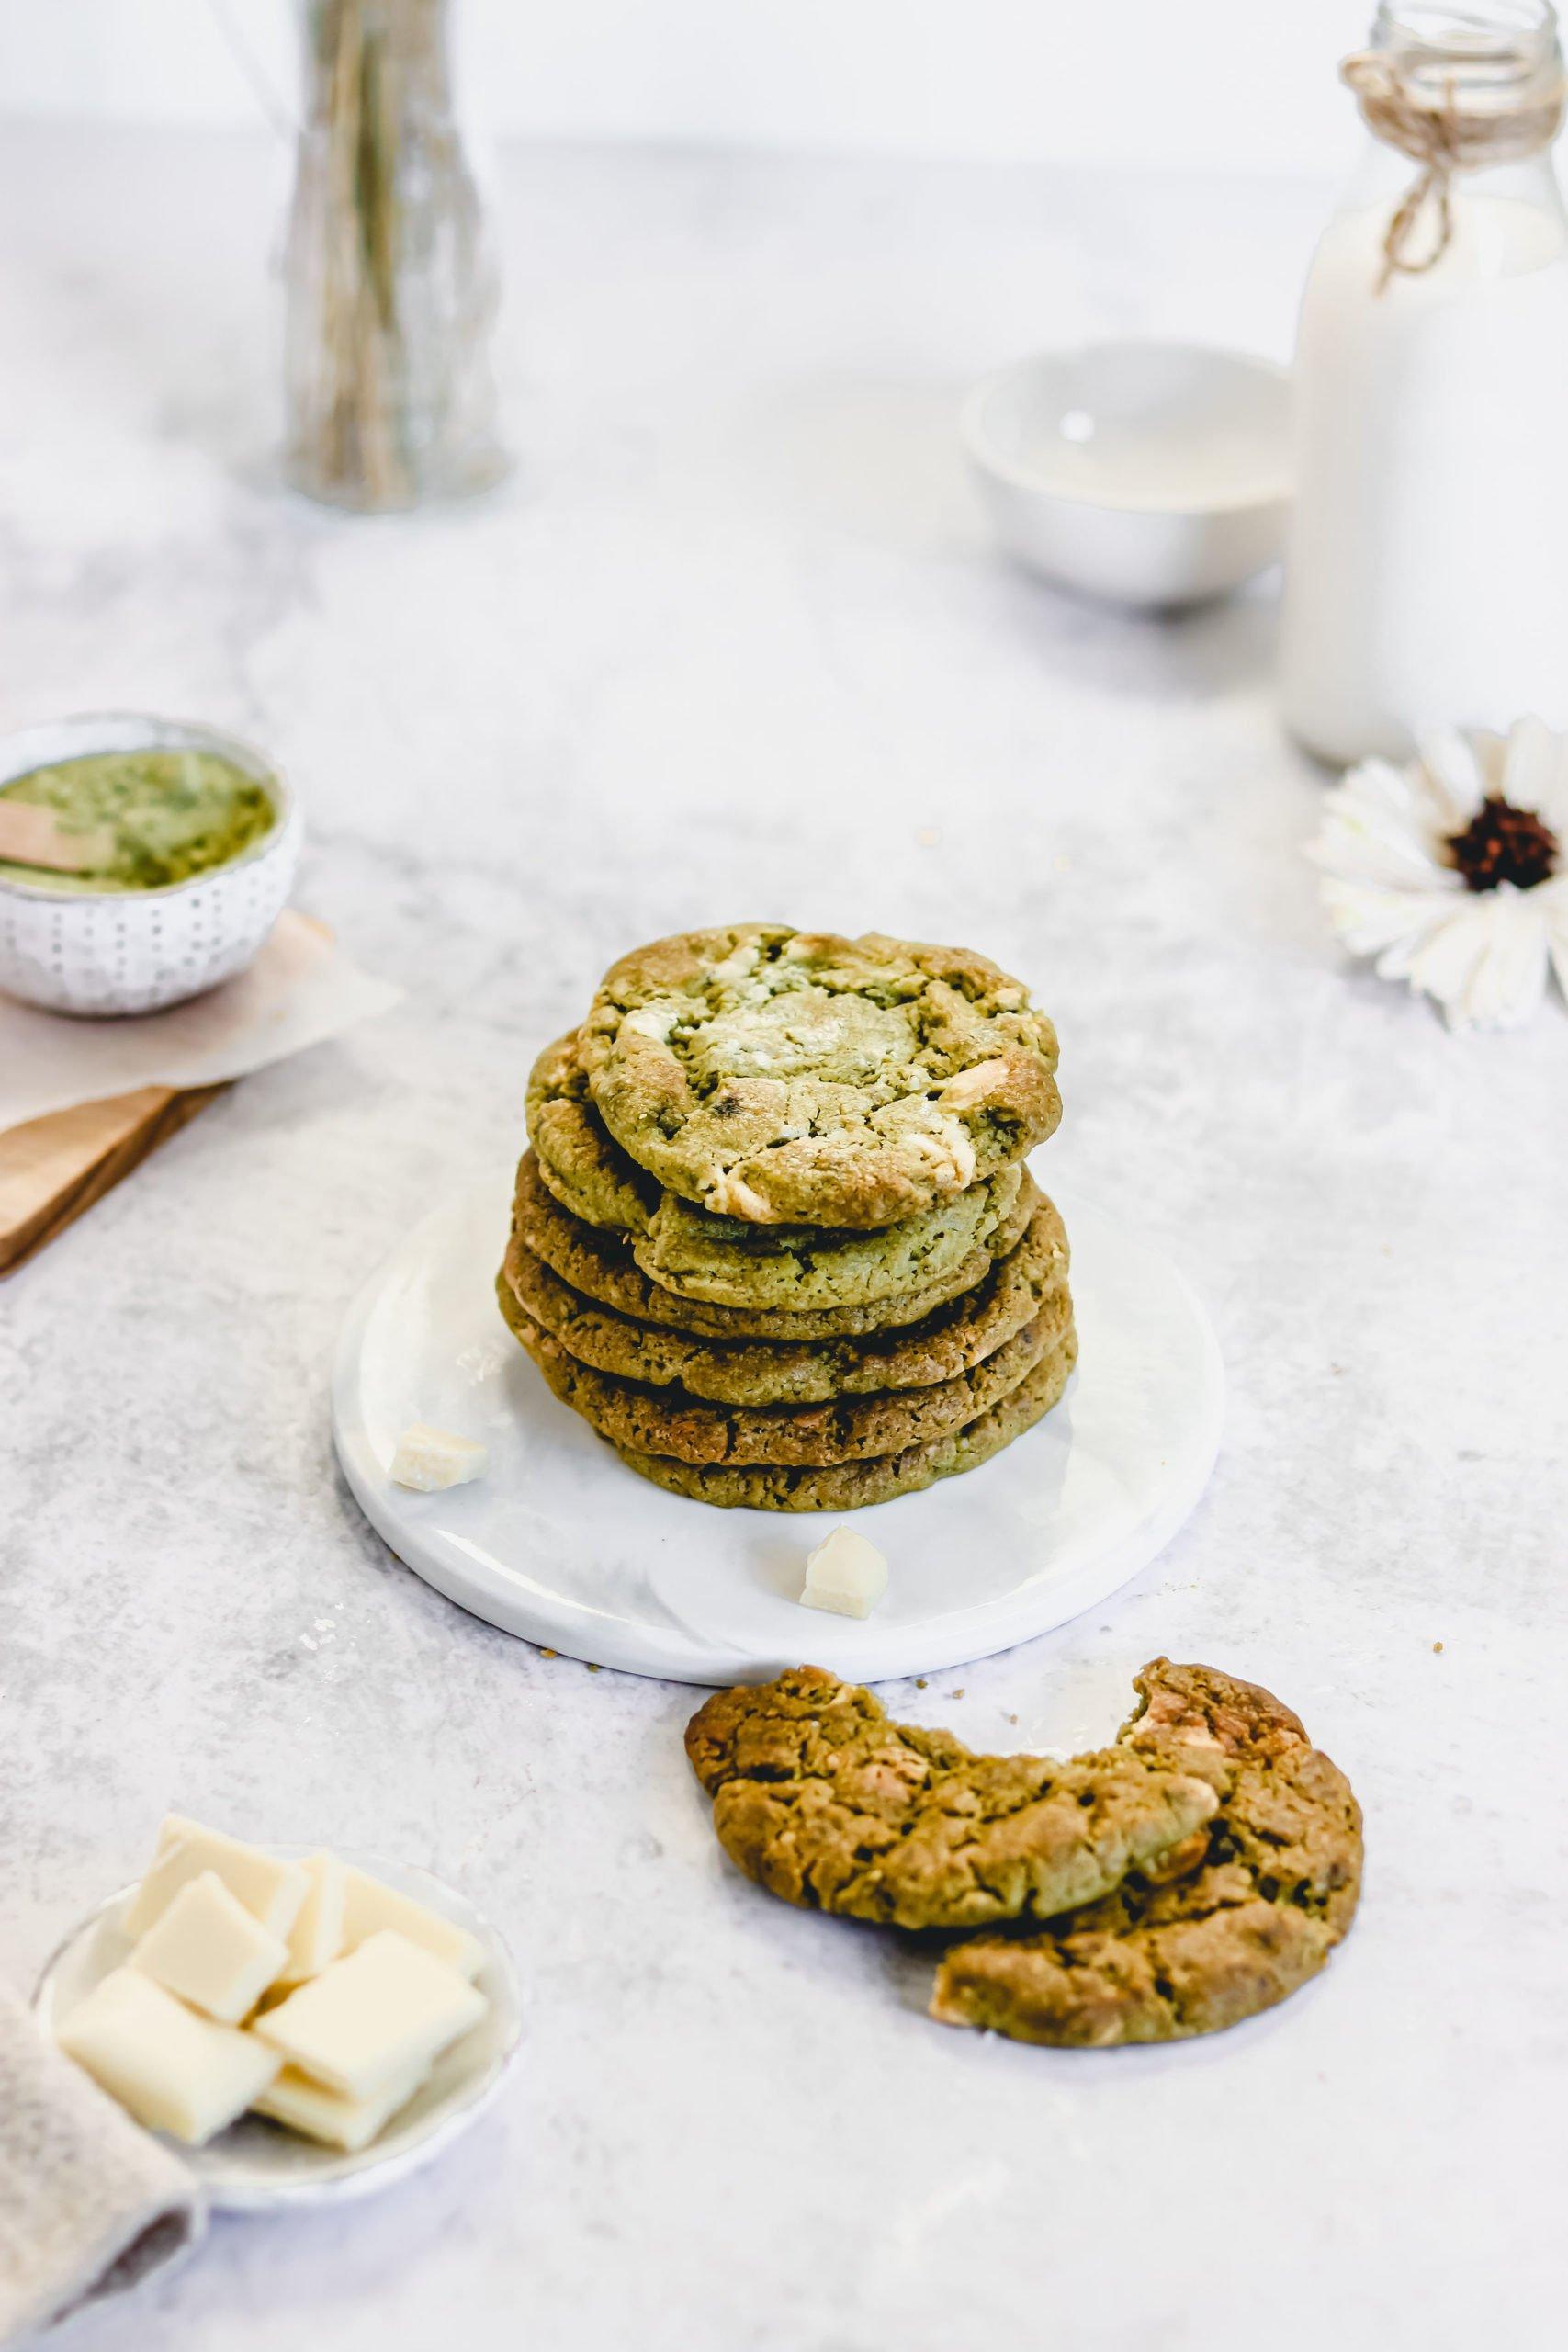 Vegane Matcha-Cookies mit weißen Schokoladenstückchen